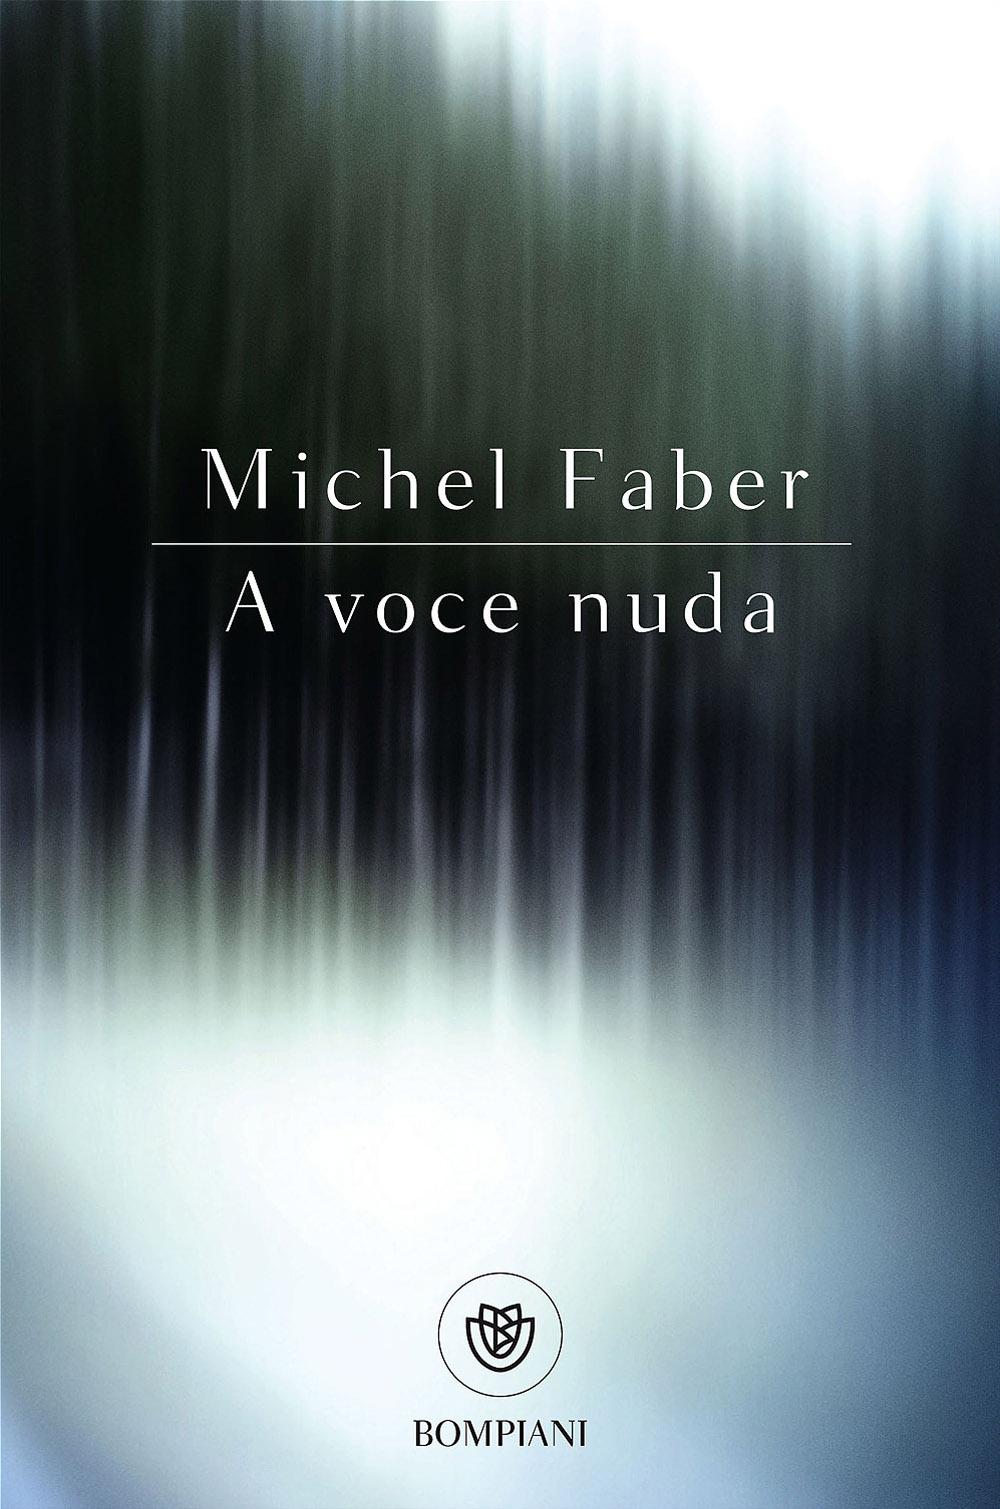 A voce nuda